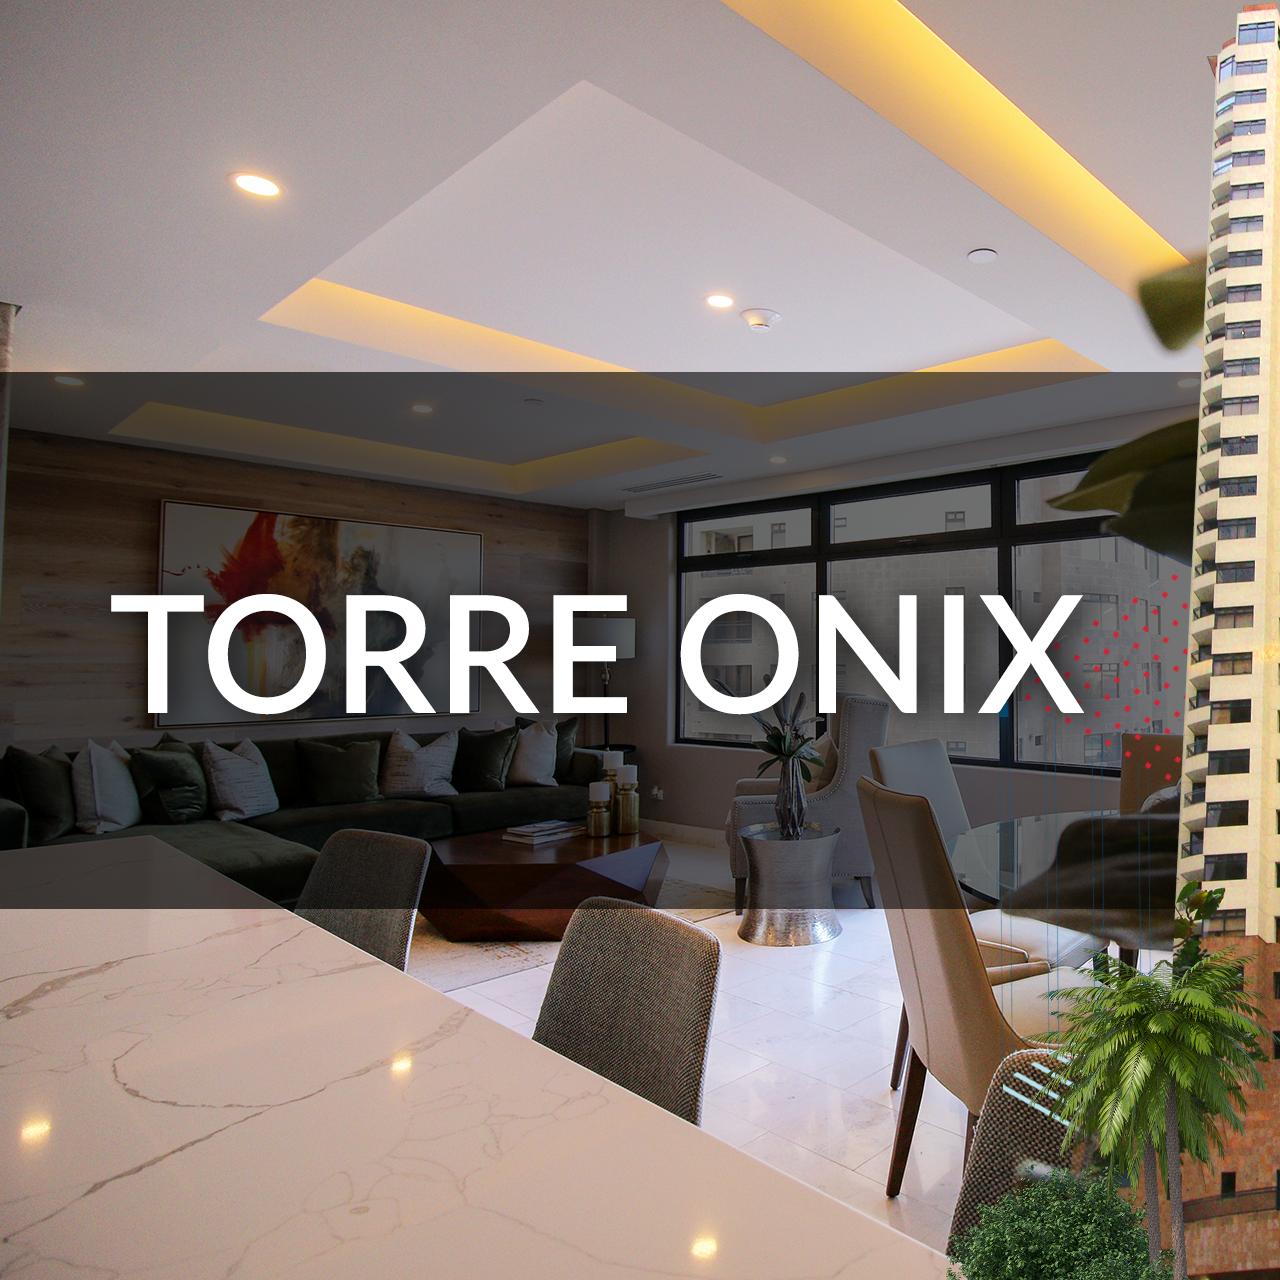 Torre Onix